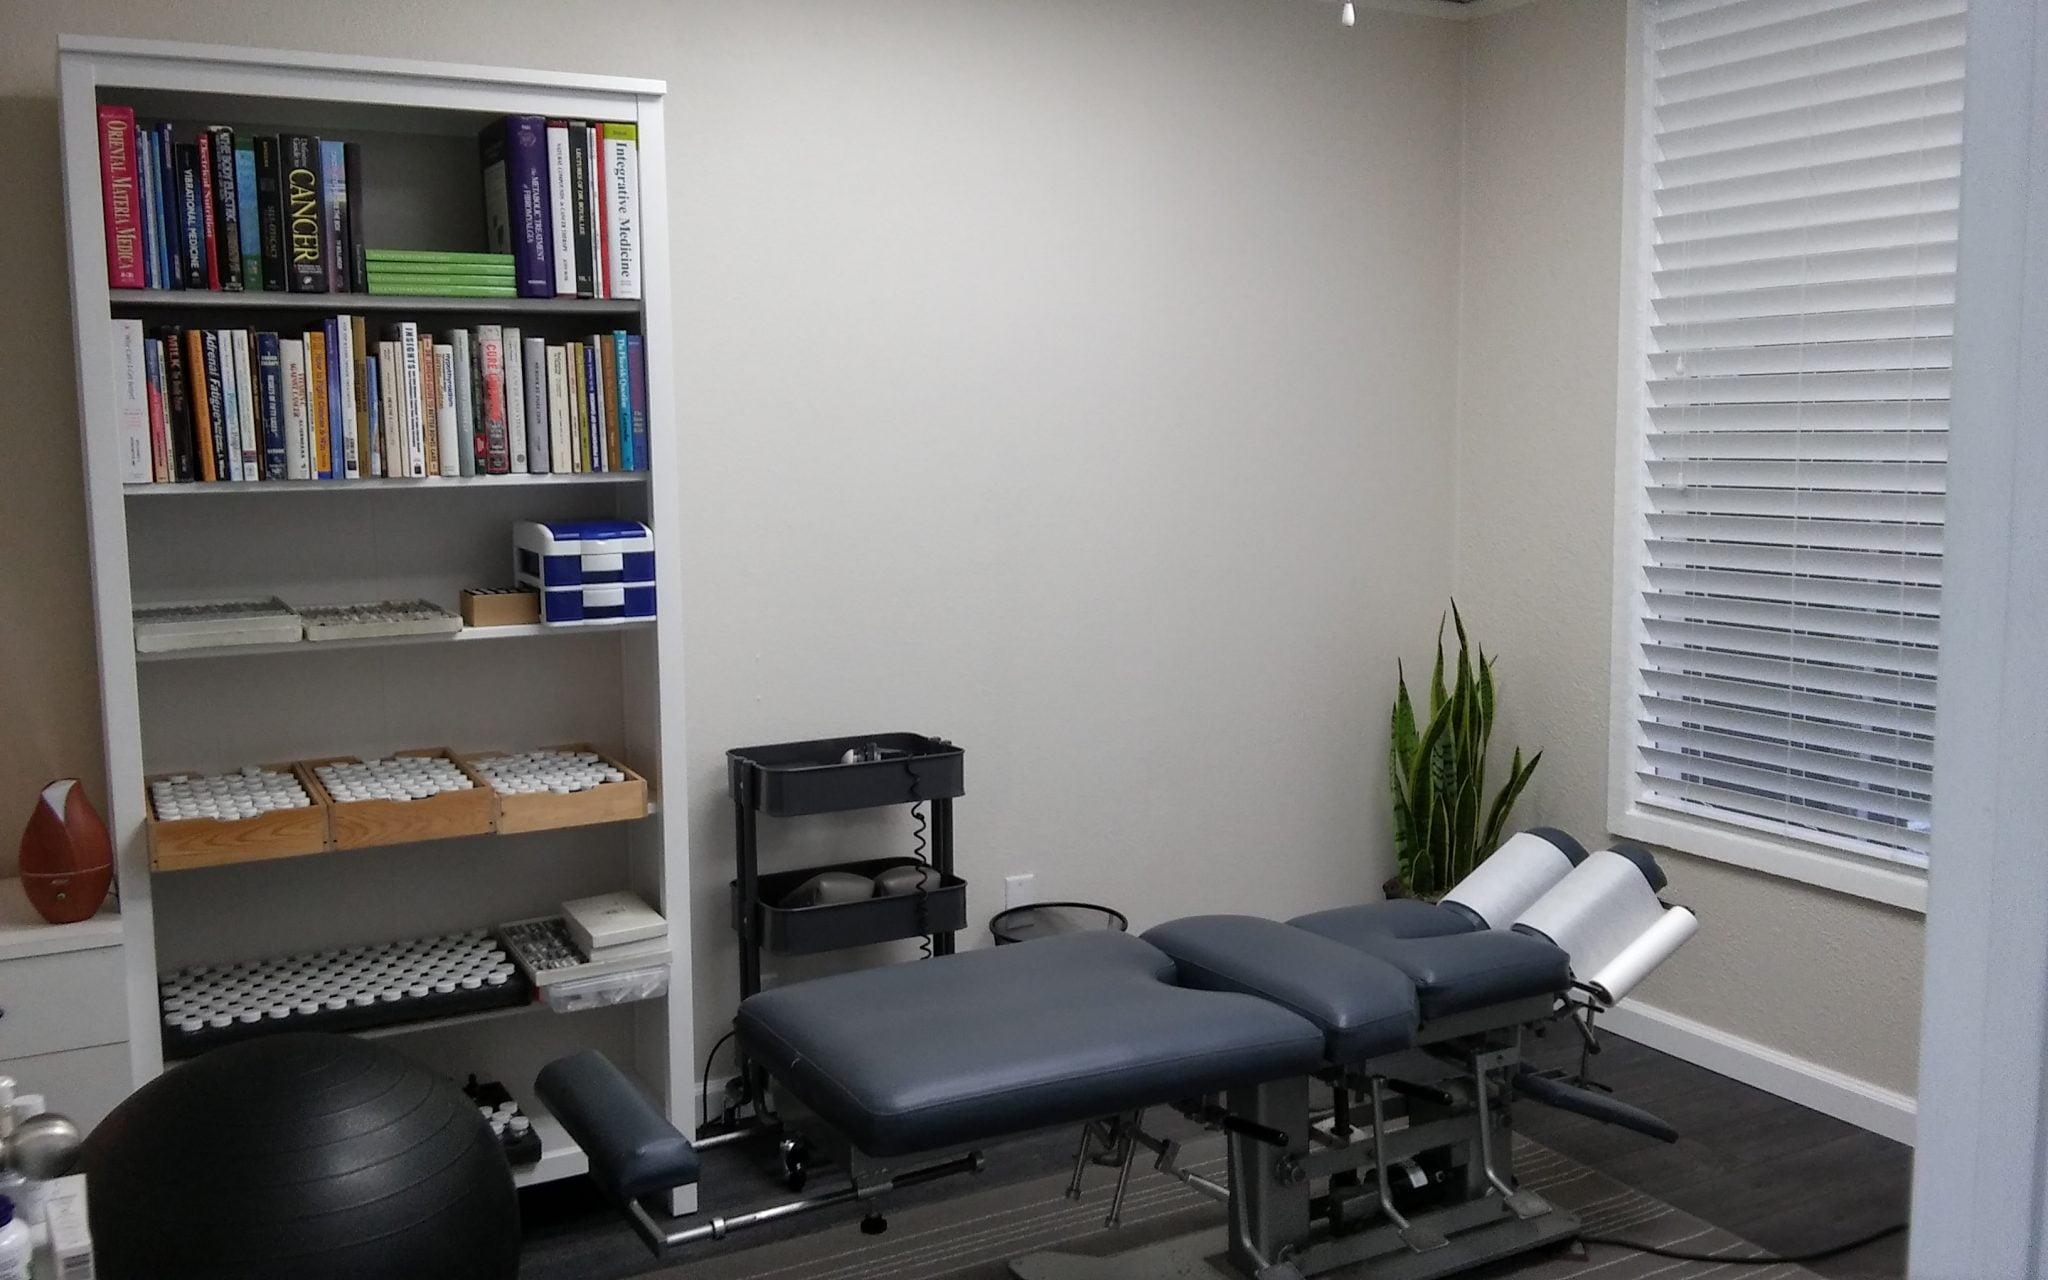 Dr Ettinger's Treatment Room #2